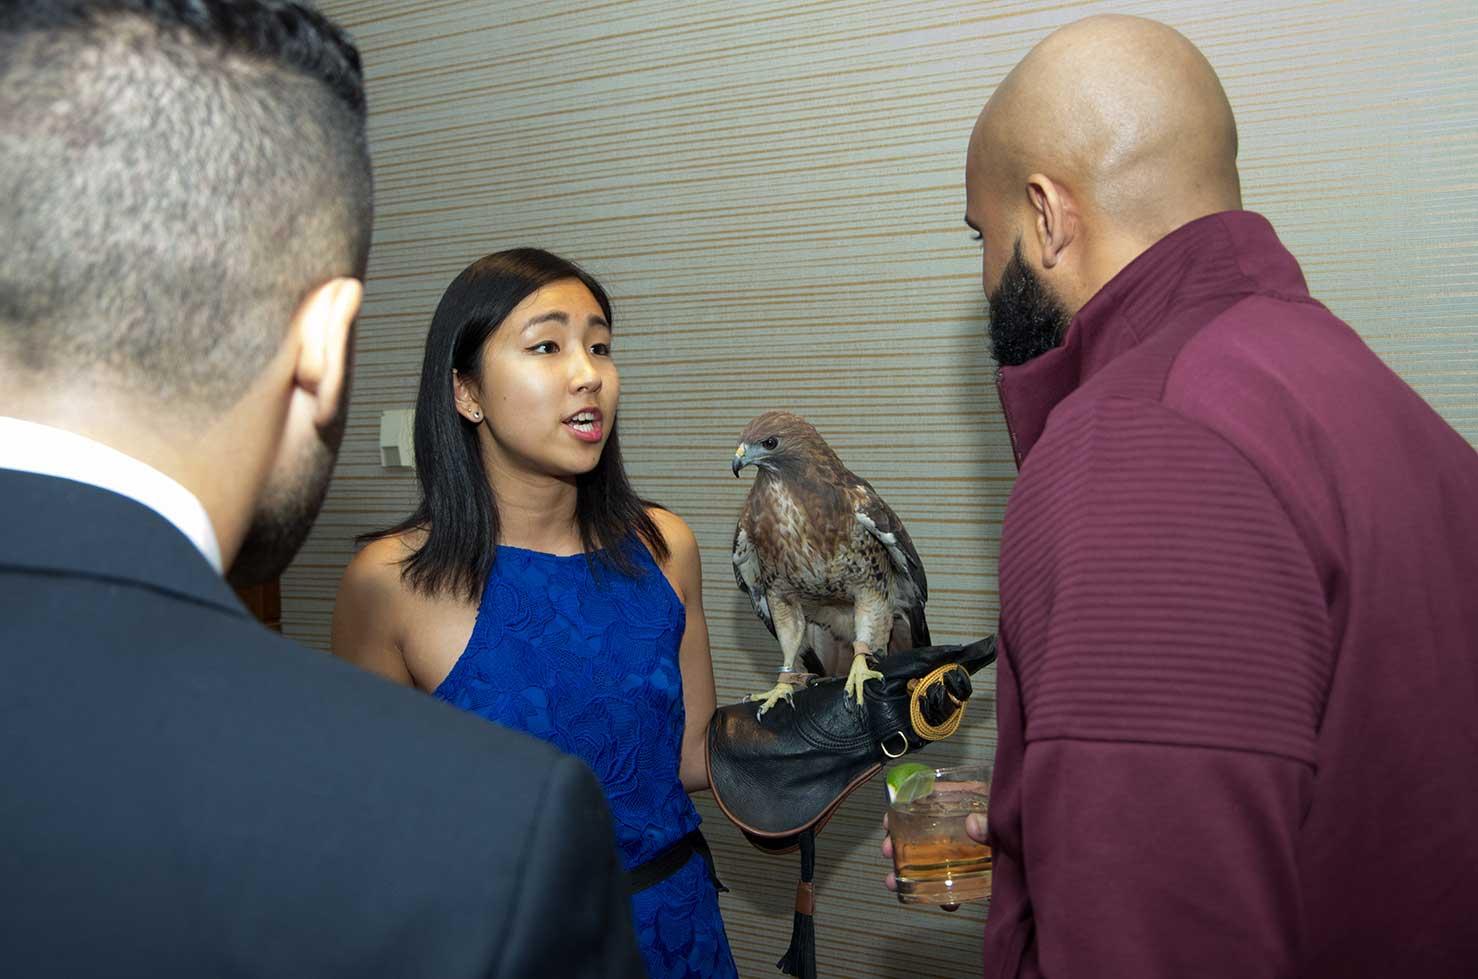 A woman holding a raptor bird